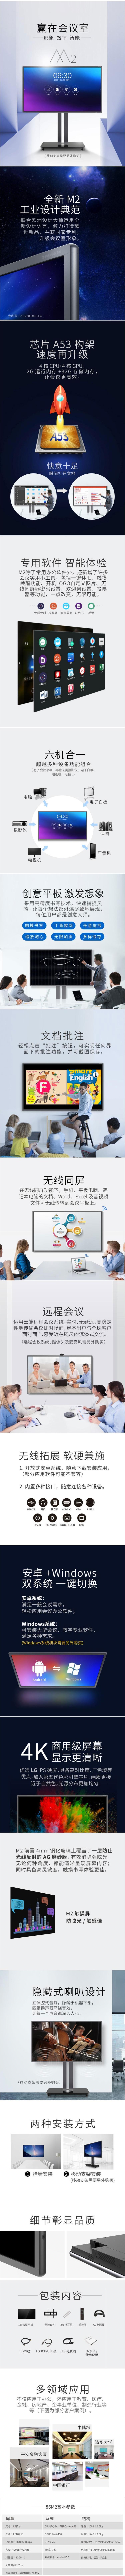 皓丽 86英寸 会议平板 智能电子白板 多媒体教学触屏触摸一体机 视频会议办公86M21